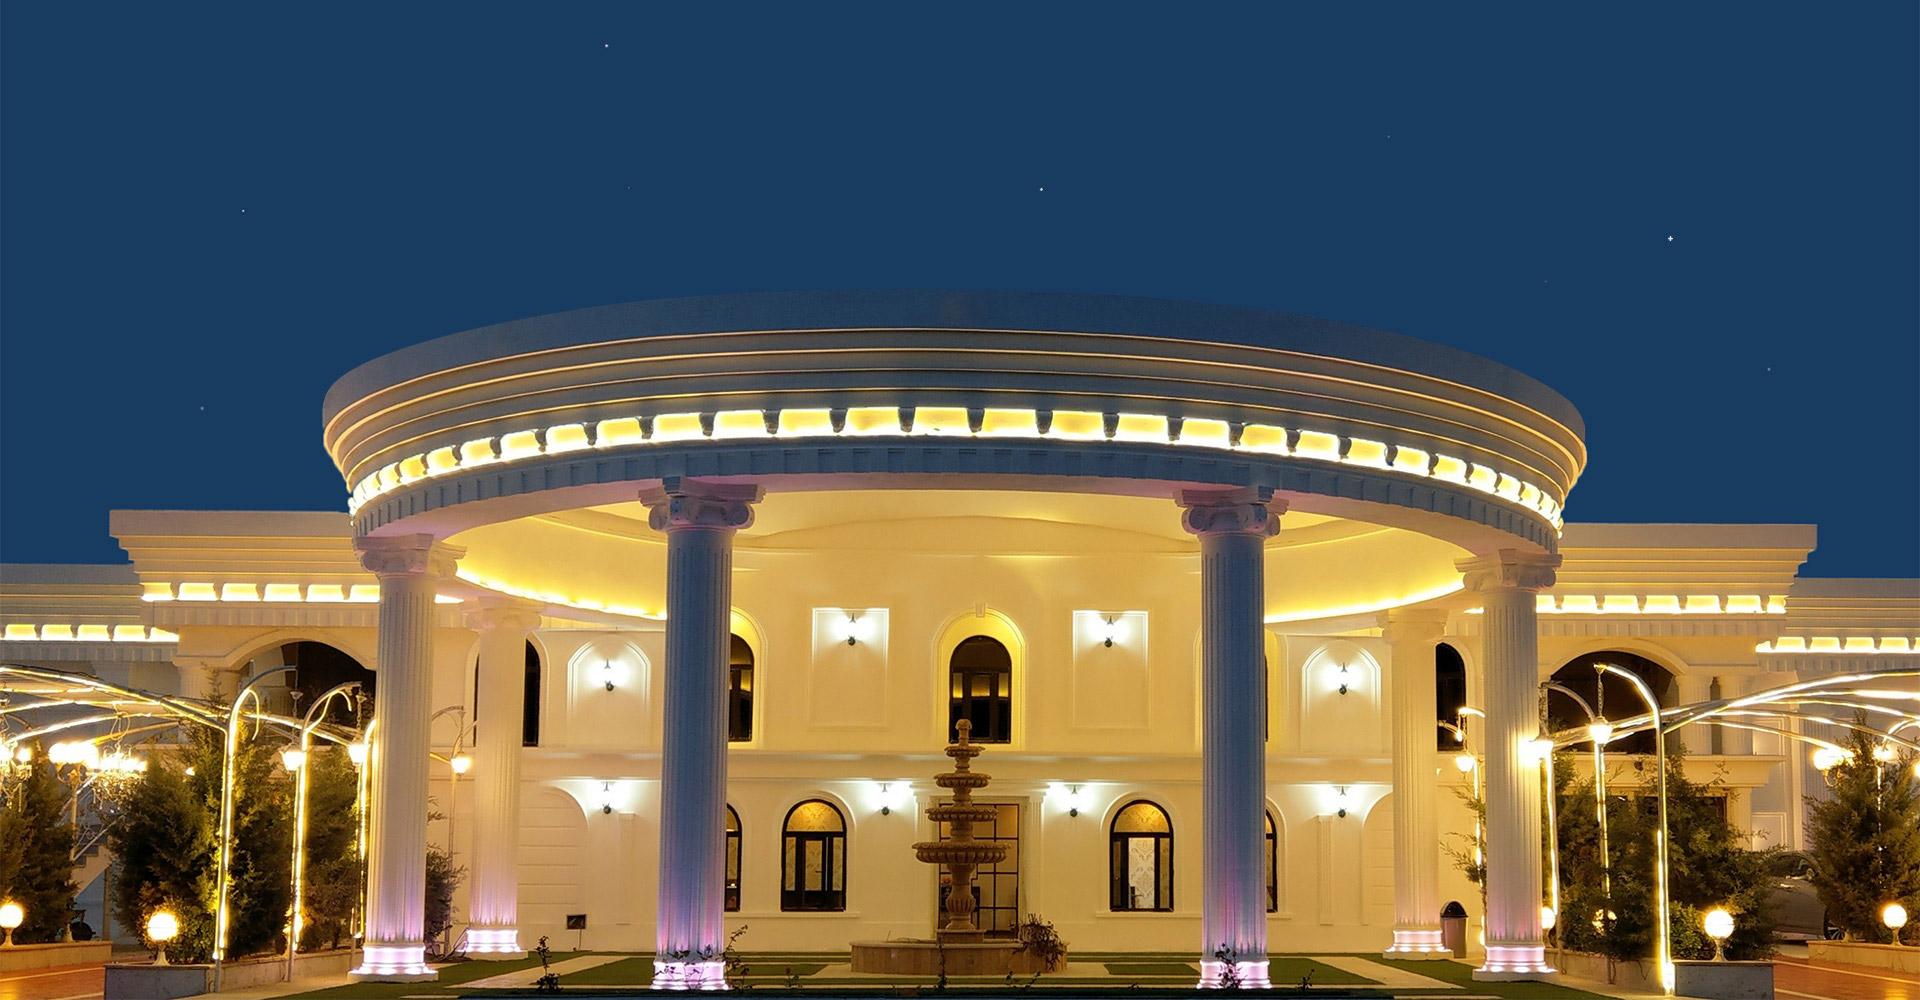 باغ-تالار-عروسی-پرکوک-کرمانشاه-12-جاده-ماهیدشت-1